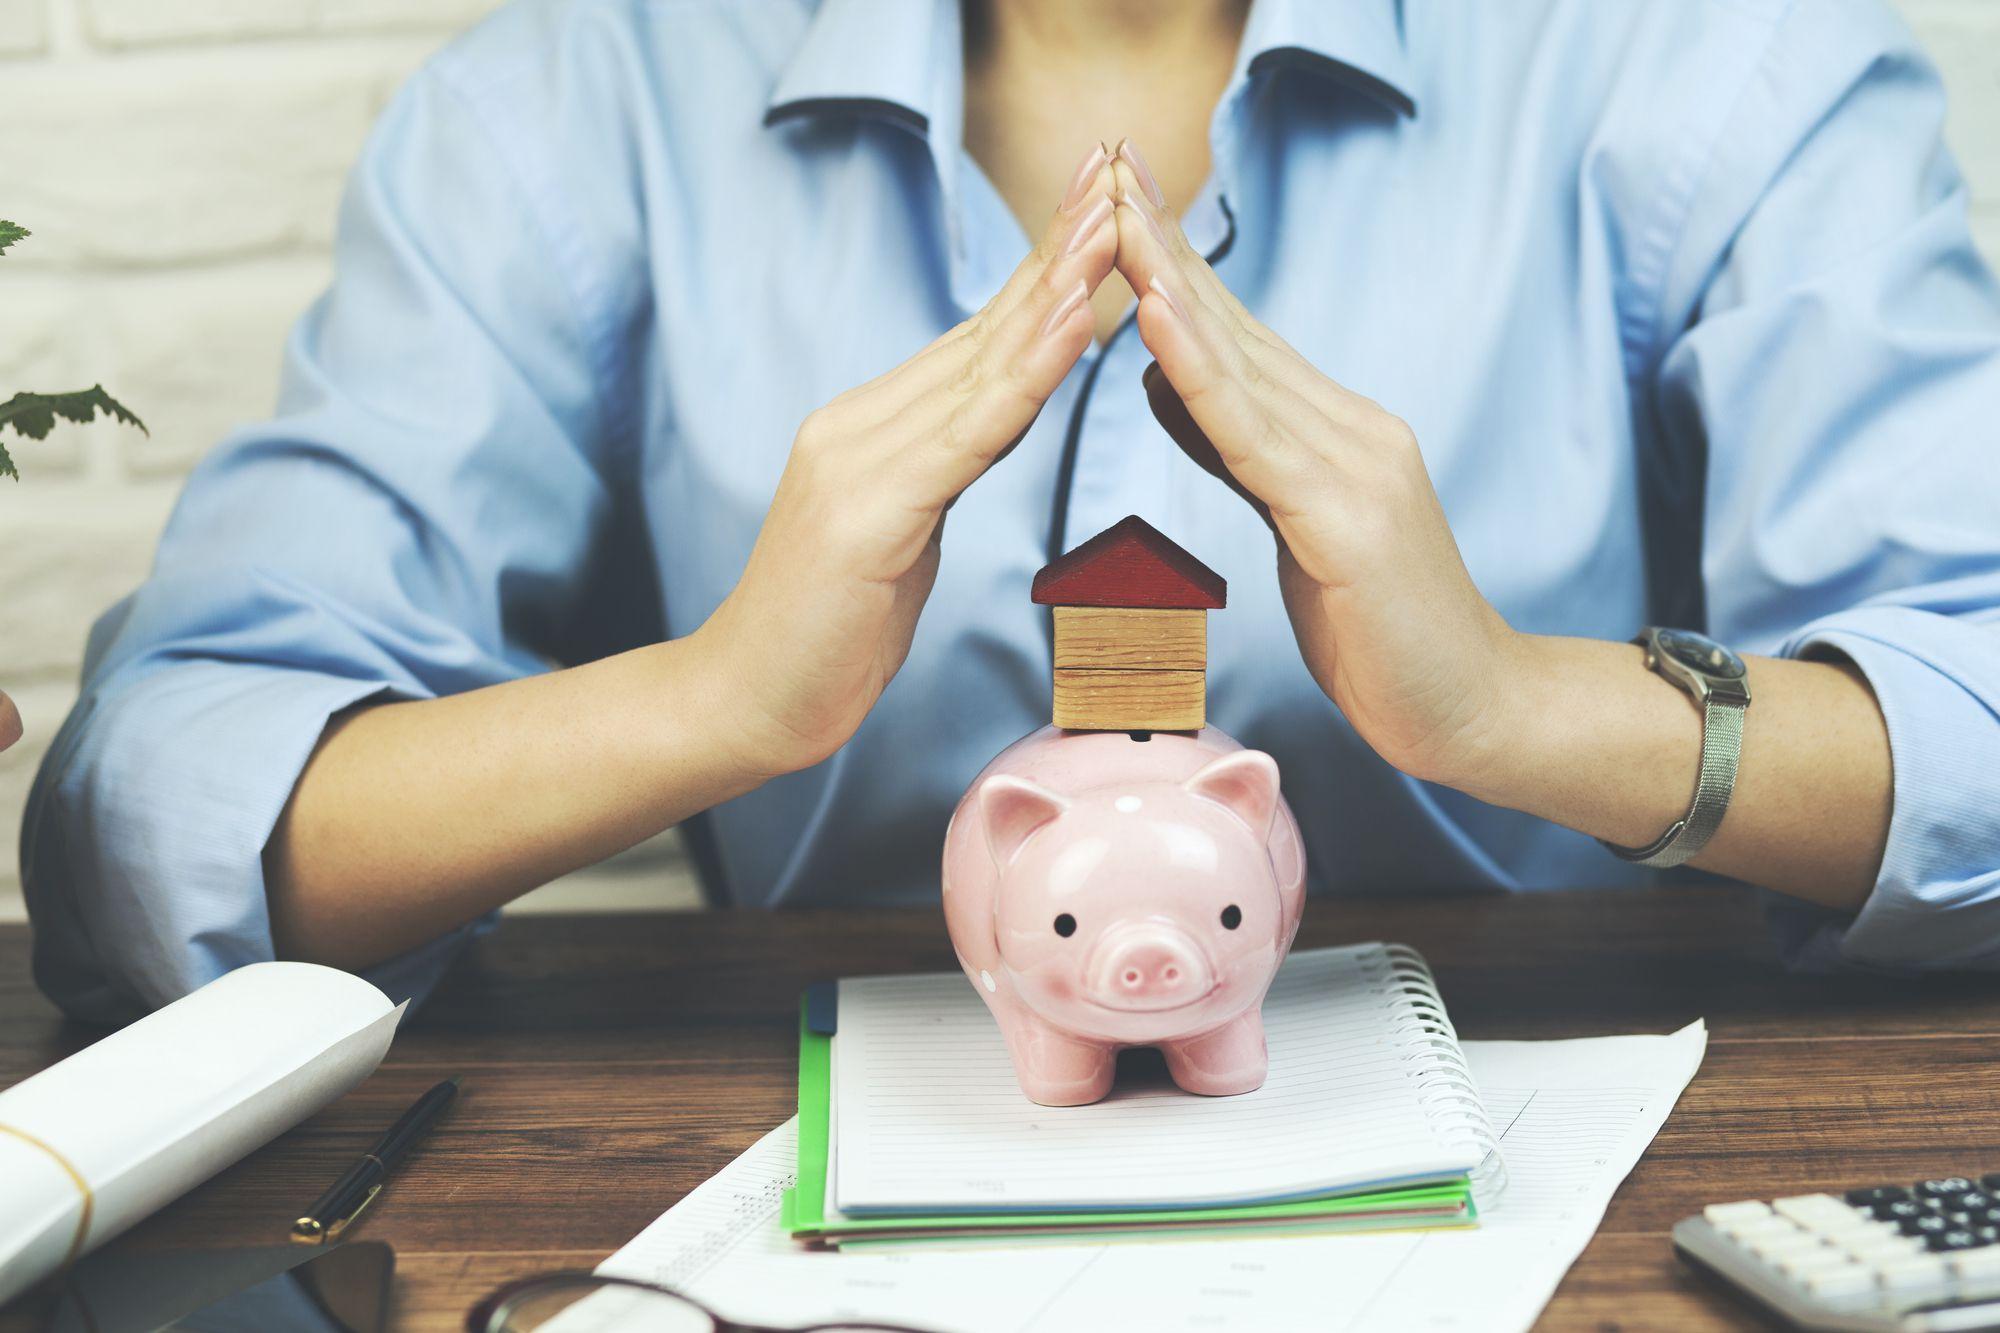 Leia este post, conheça 5 dicas de como investir em imóveis e fortaleça o seu planejamento financeiro!